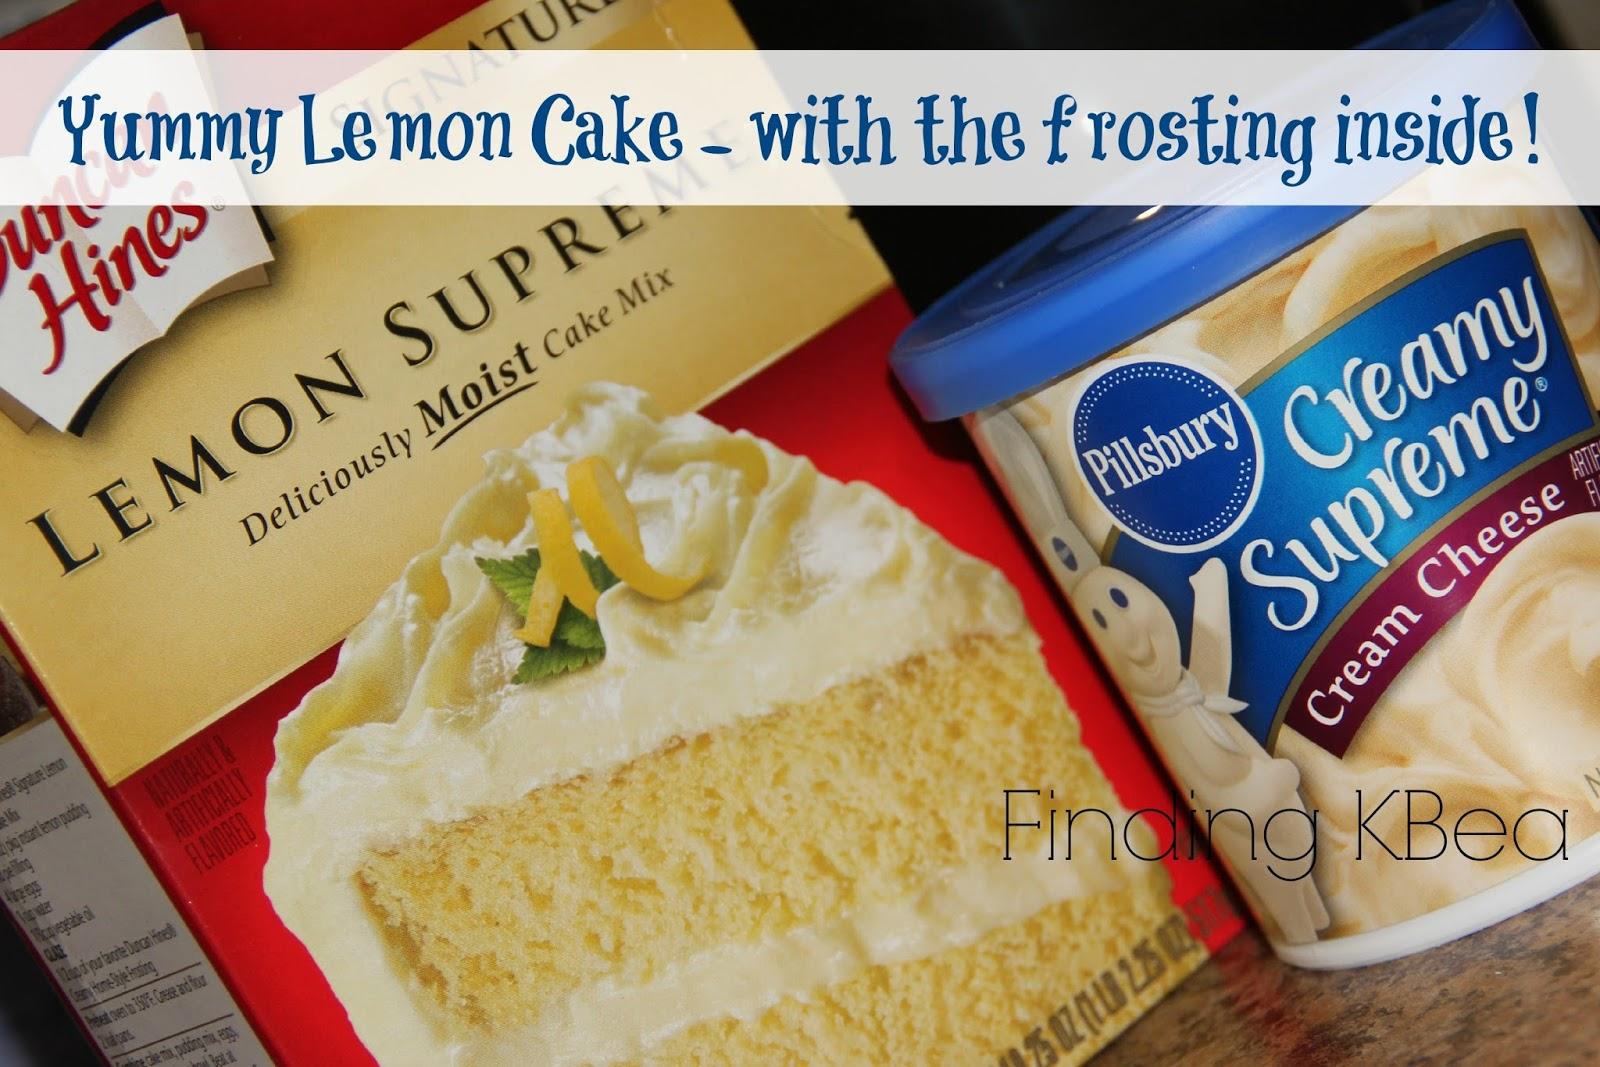 Lemon Cake Recipes Using Box Mix: Finding KBea: Yummy Lemon Cake